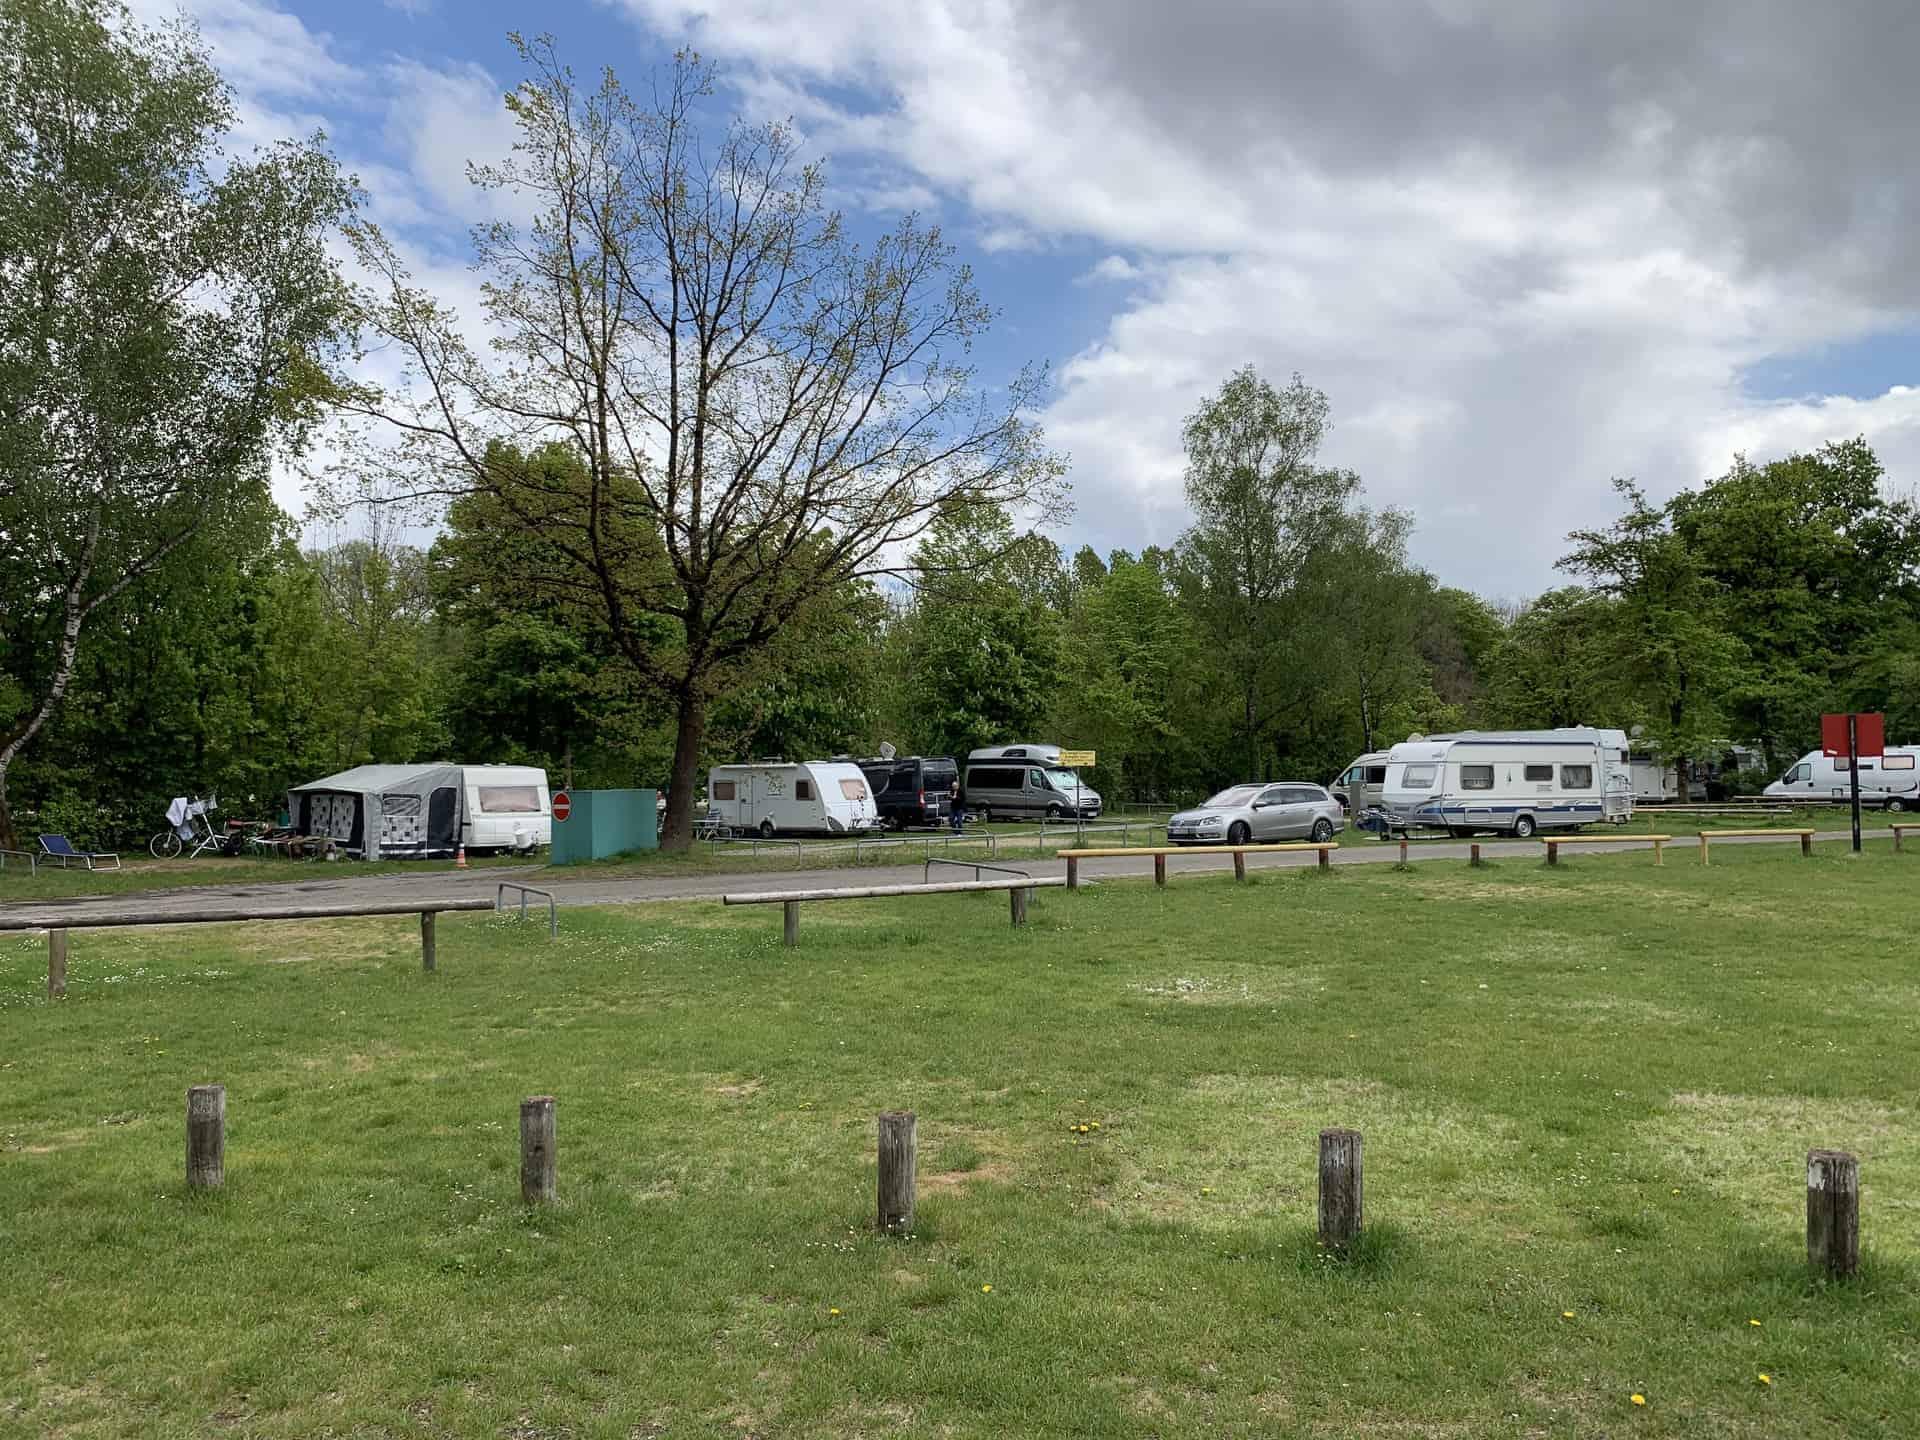 Campingplatz_München_Thalkirchen_Sicht_über_den_Platz